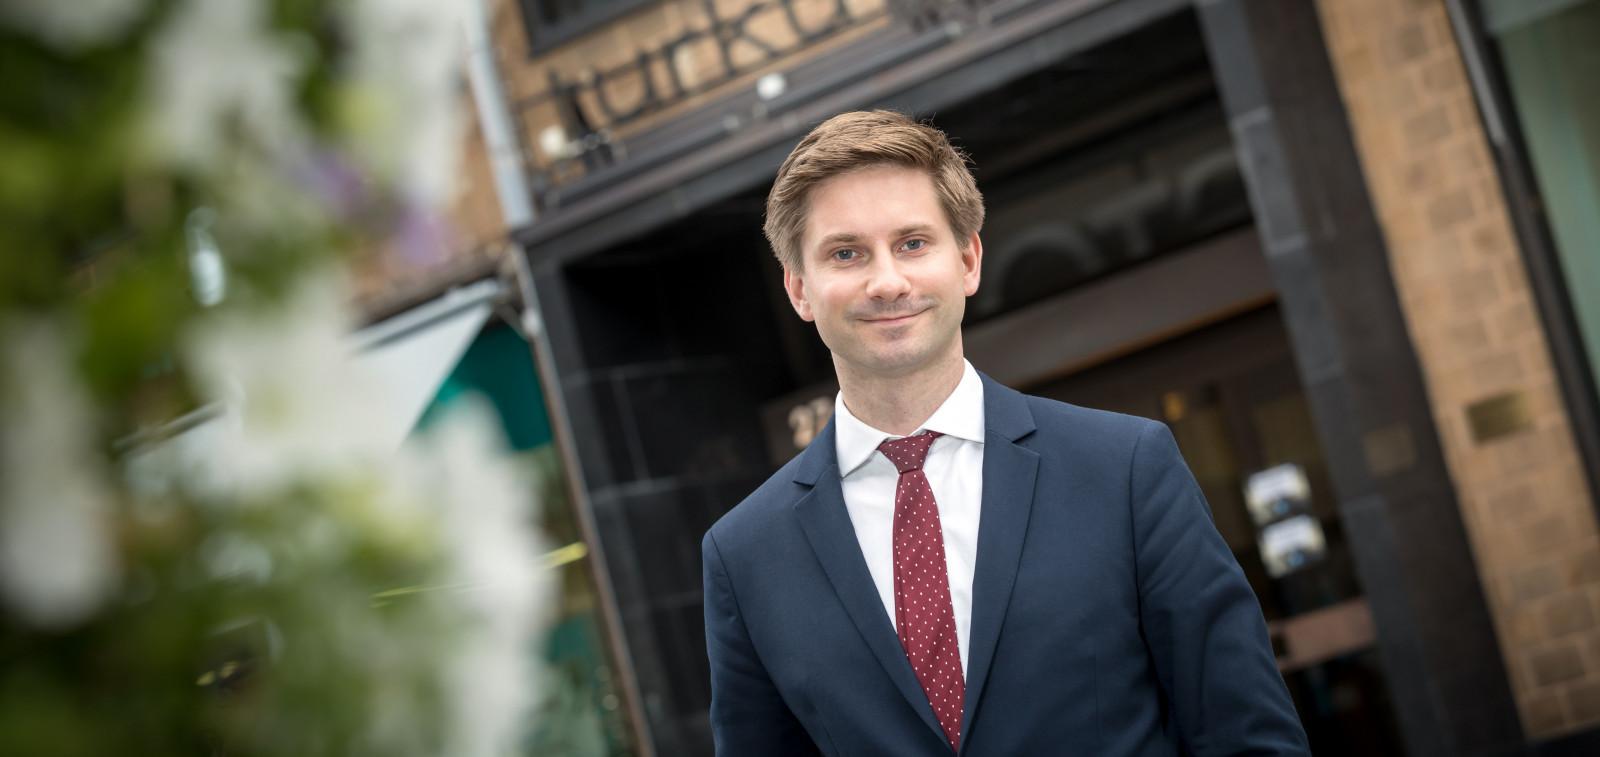 Turun kaupunginhallituksen puheenjohtaja Lauri Kattelus